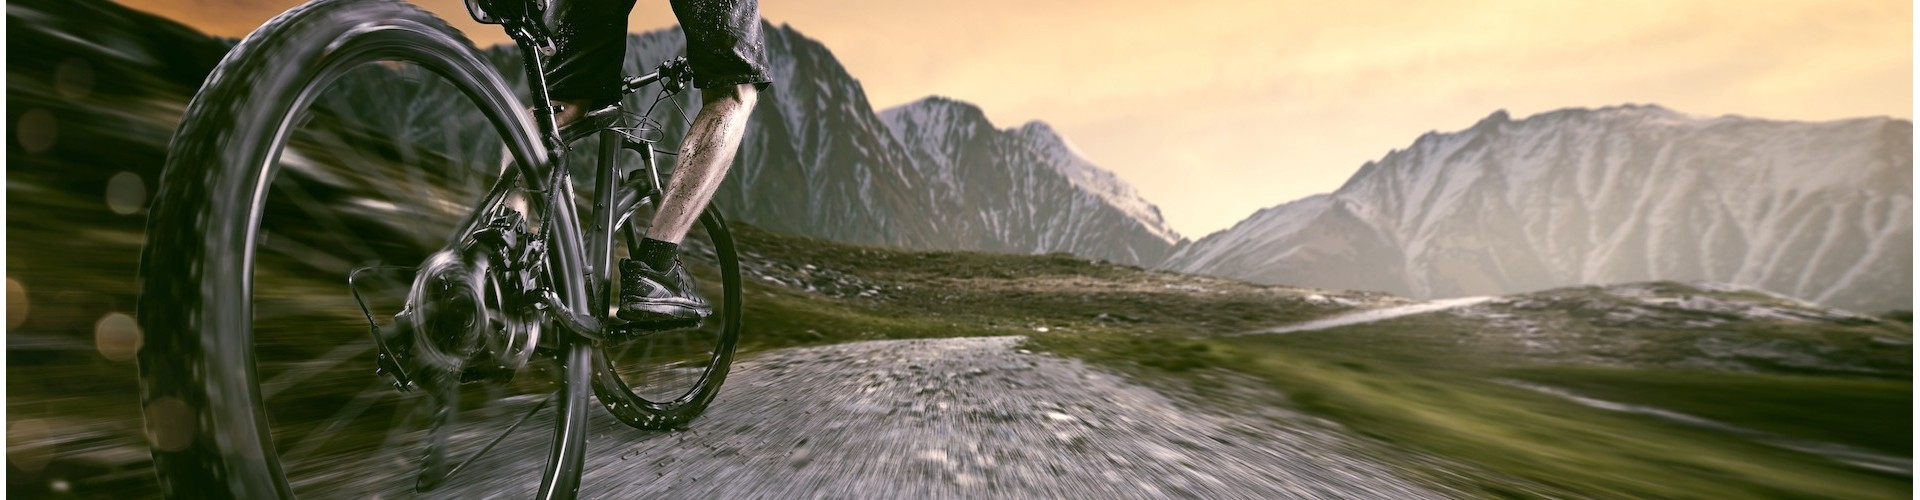 Biciclette E-Bike Mountain Bike e Mountain Bike classiche in vendita da E-Bike Toscana vicino a Siena